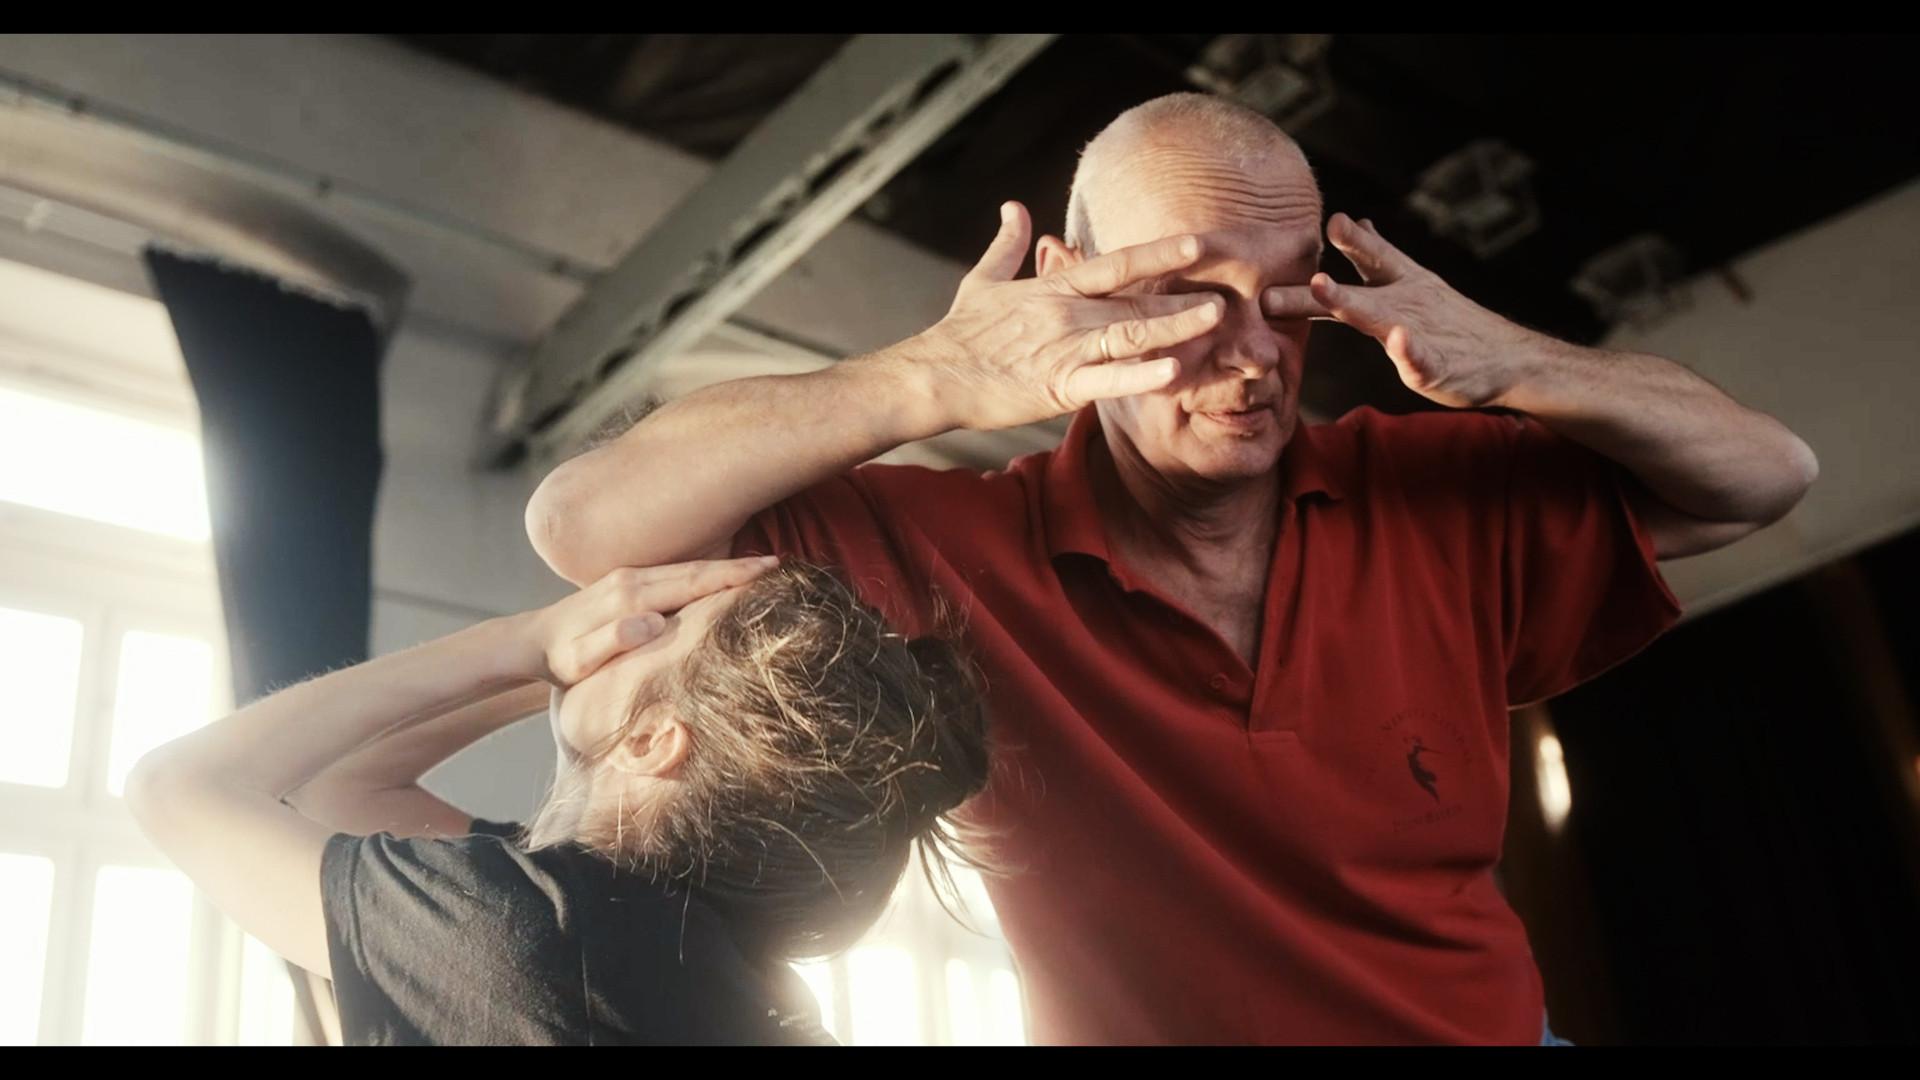 Kiss Eszter, Krámer György - Videostill: Ofner Gergely